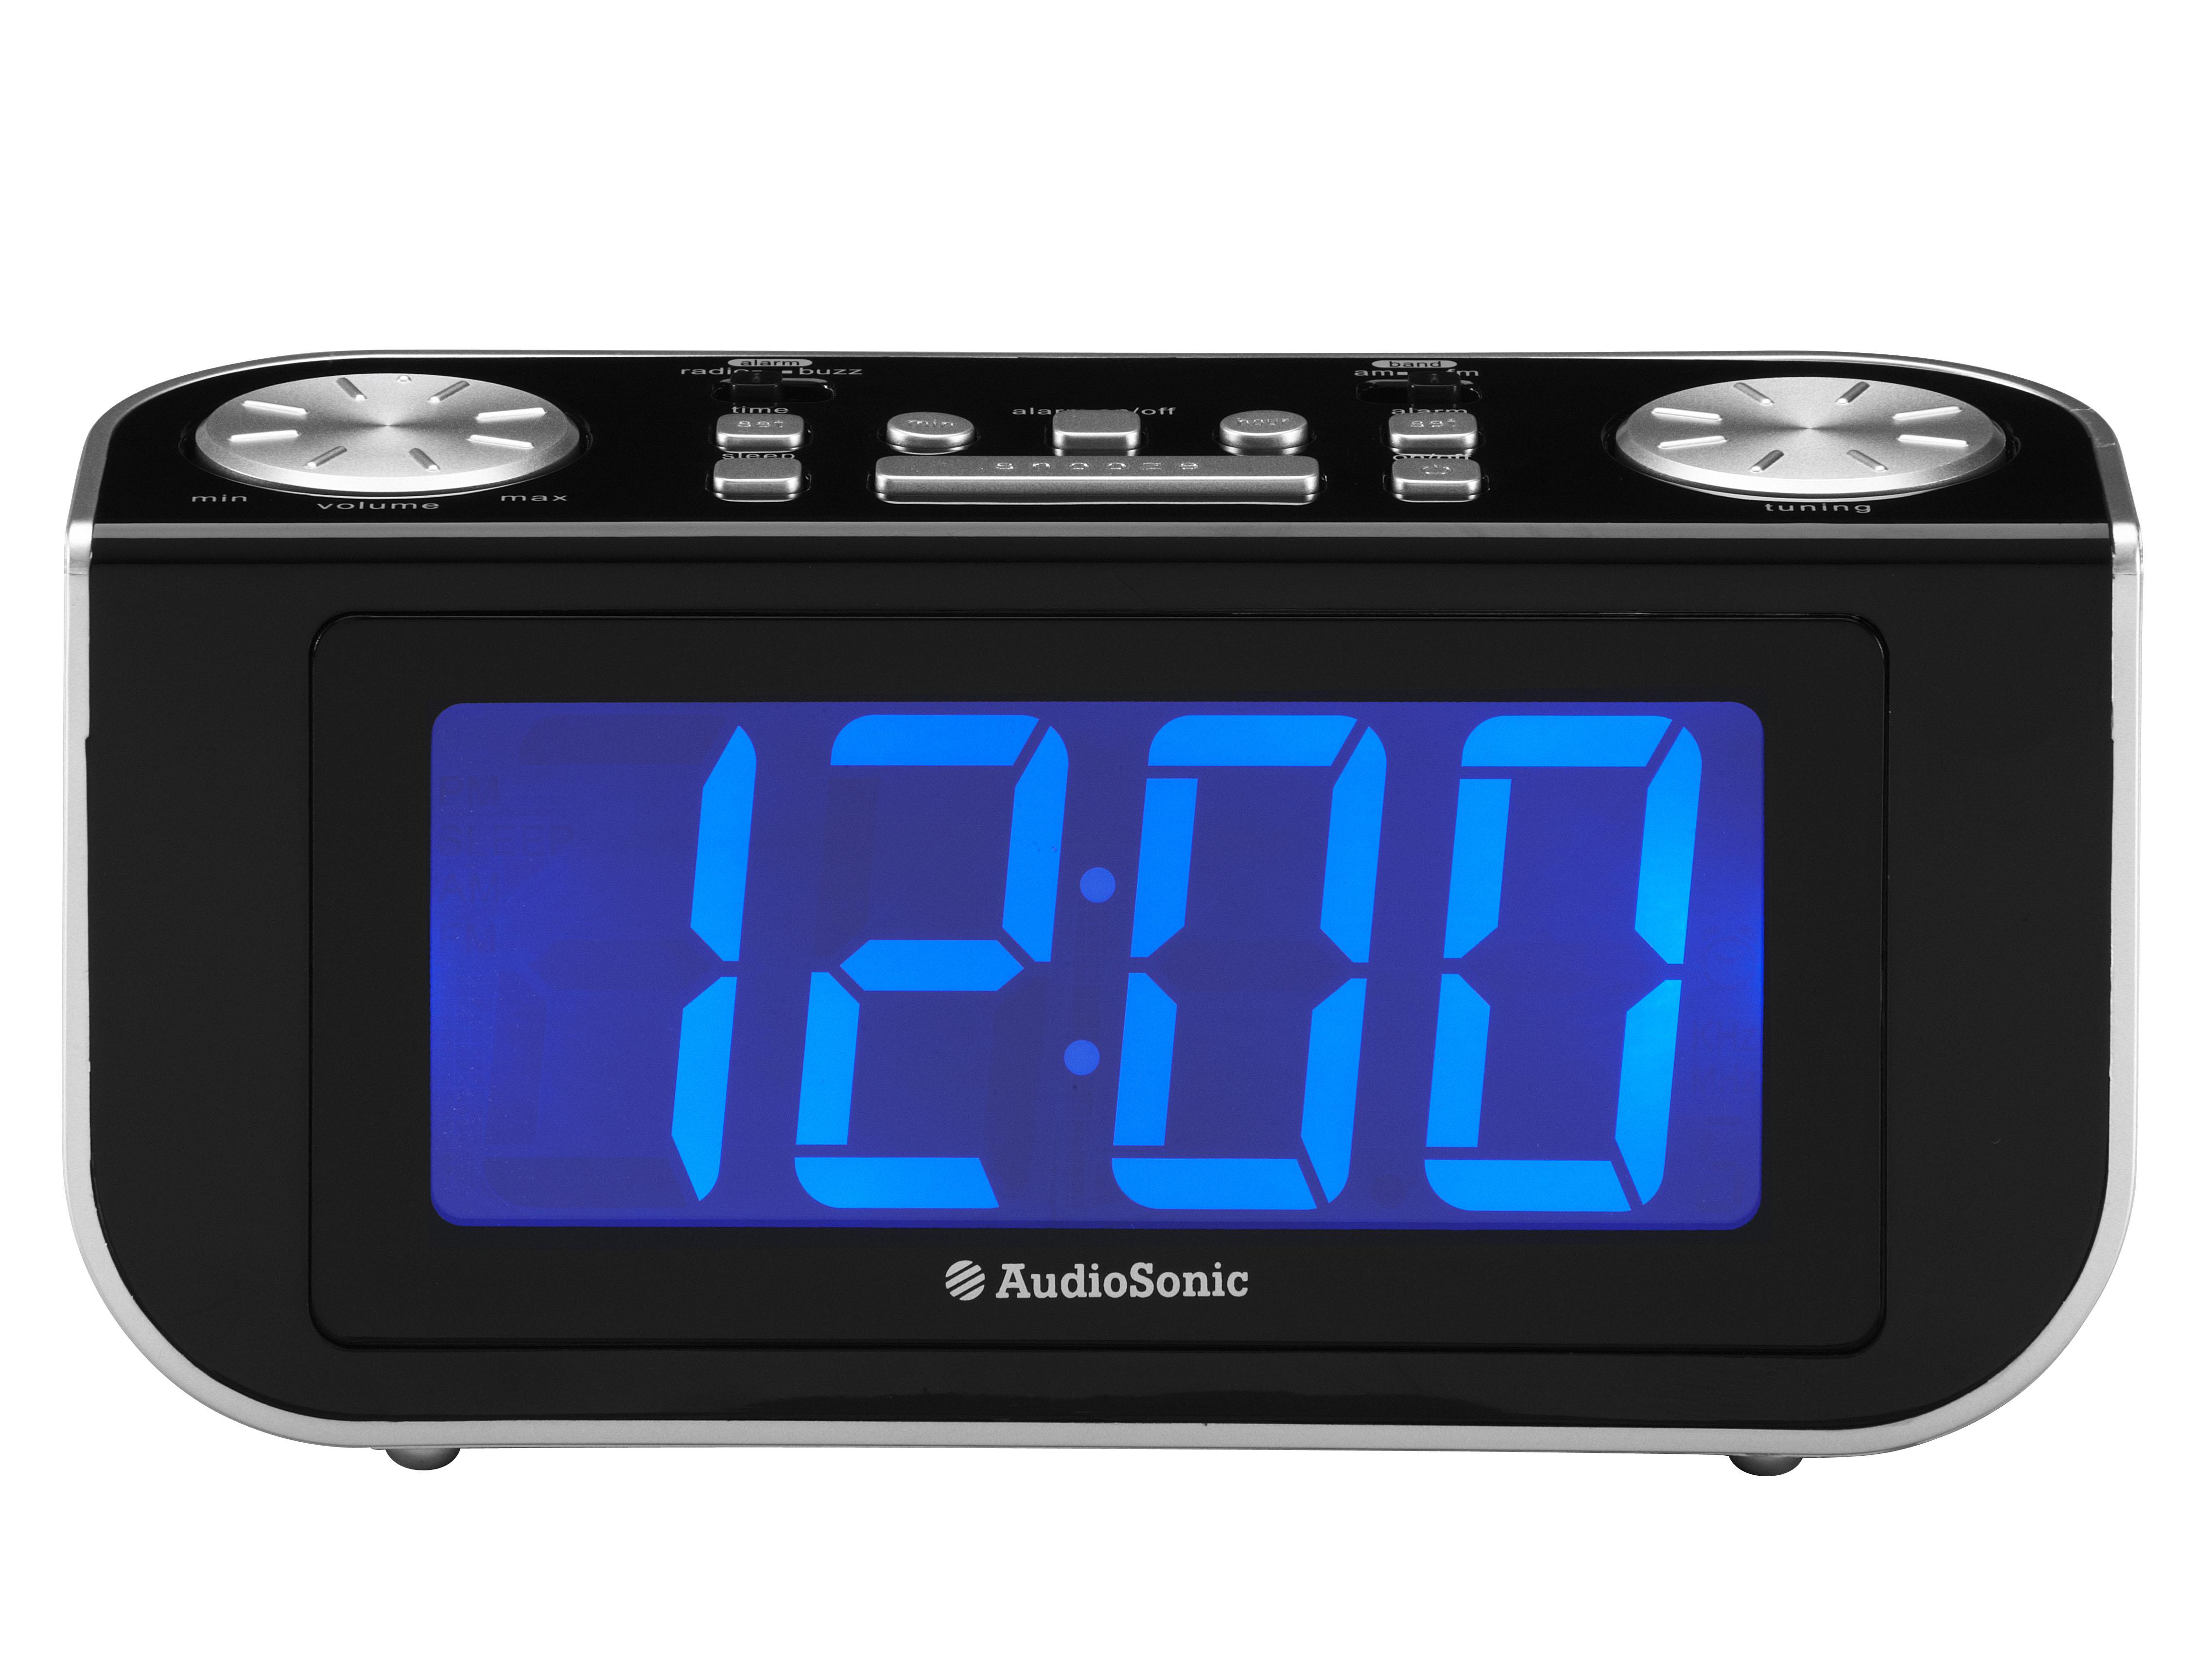 AudioSonic CL-480 Orologio Analogico Nero, Argento radio